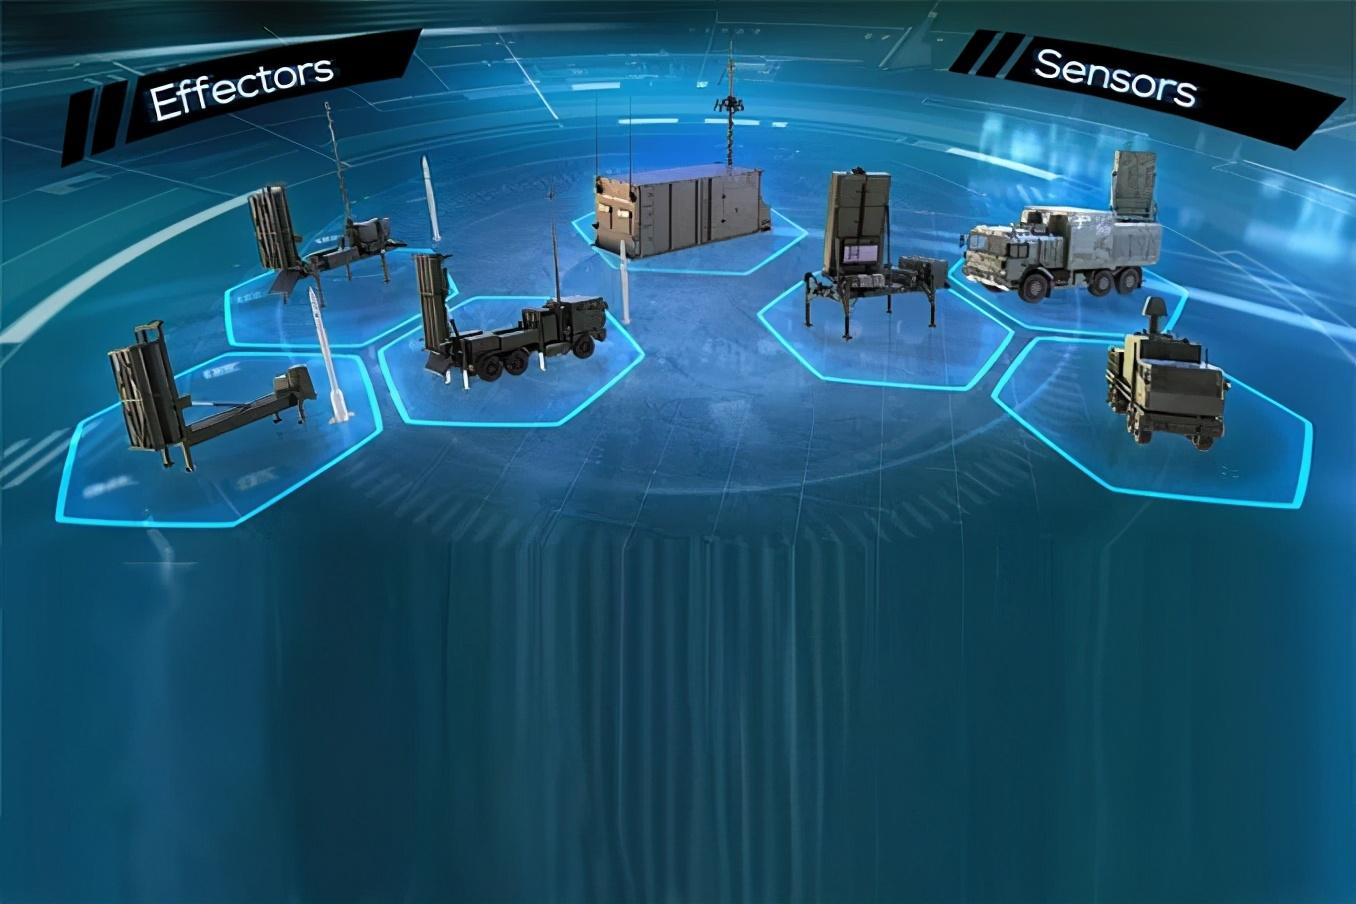 原创 以色列试射新型巴拉克导弹,提升射程,具备远程区域防空能力